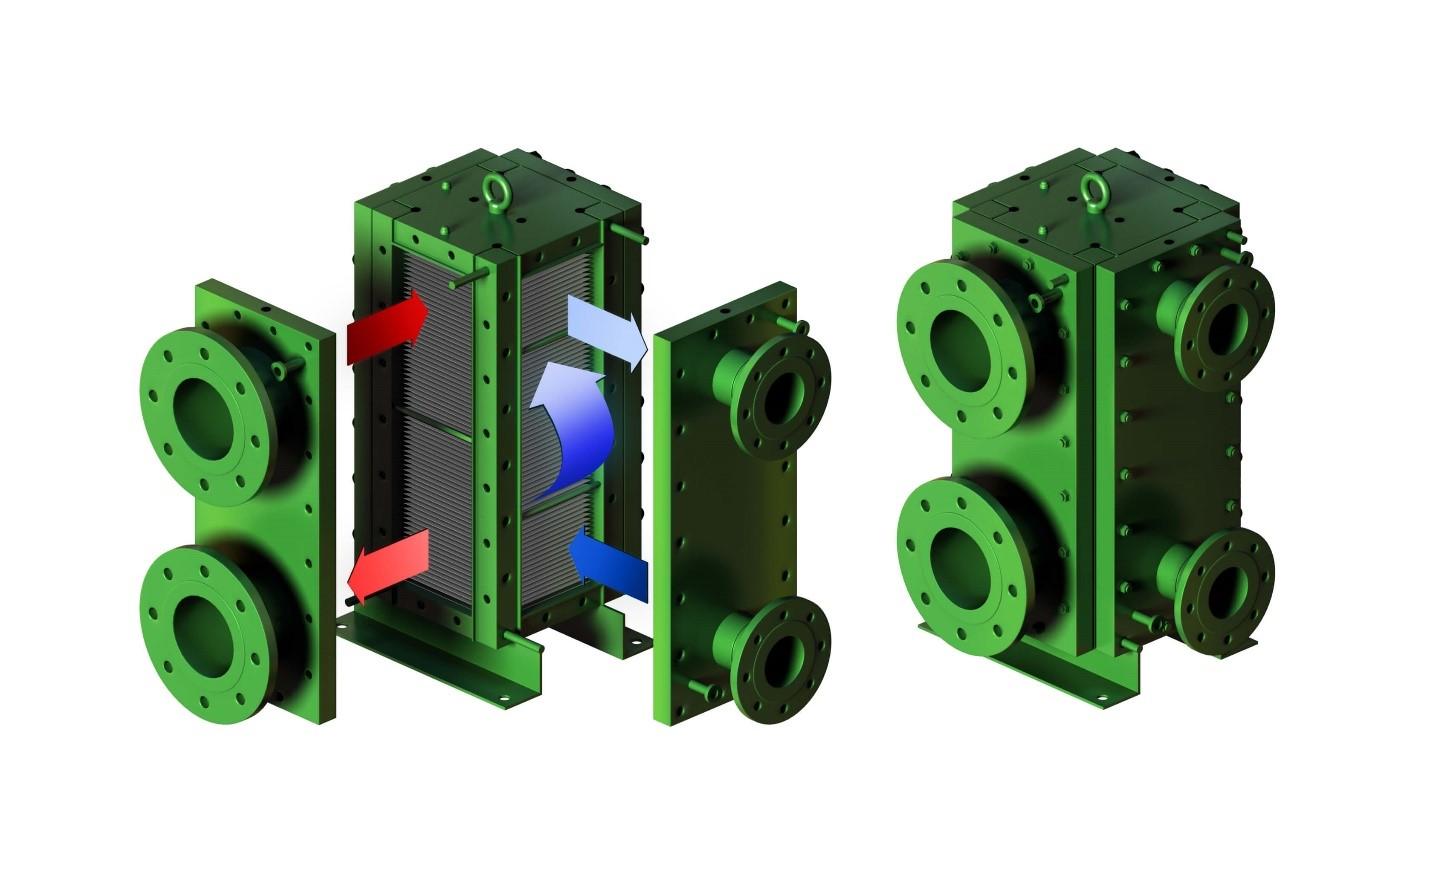 طراحی مبدل حرارتی صفحه ای جوشی